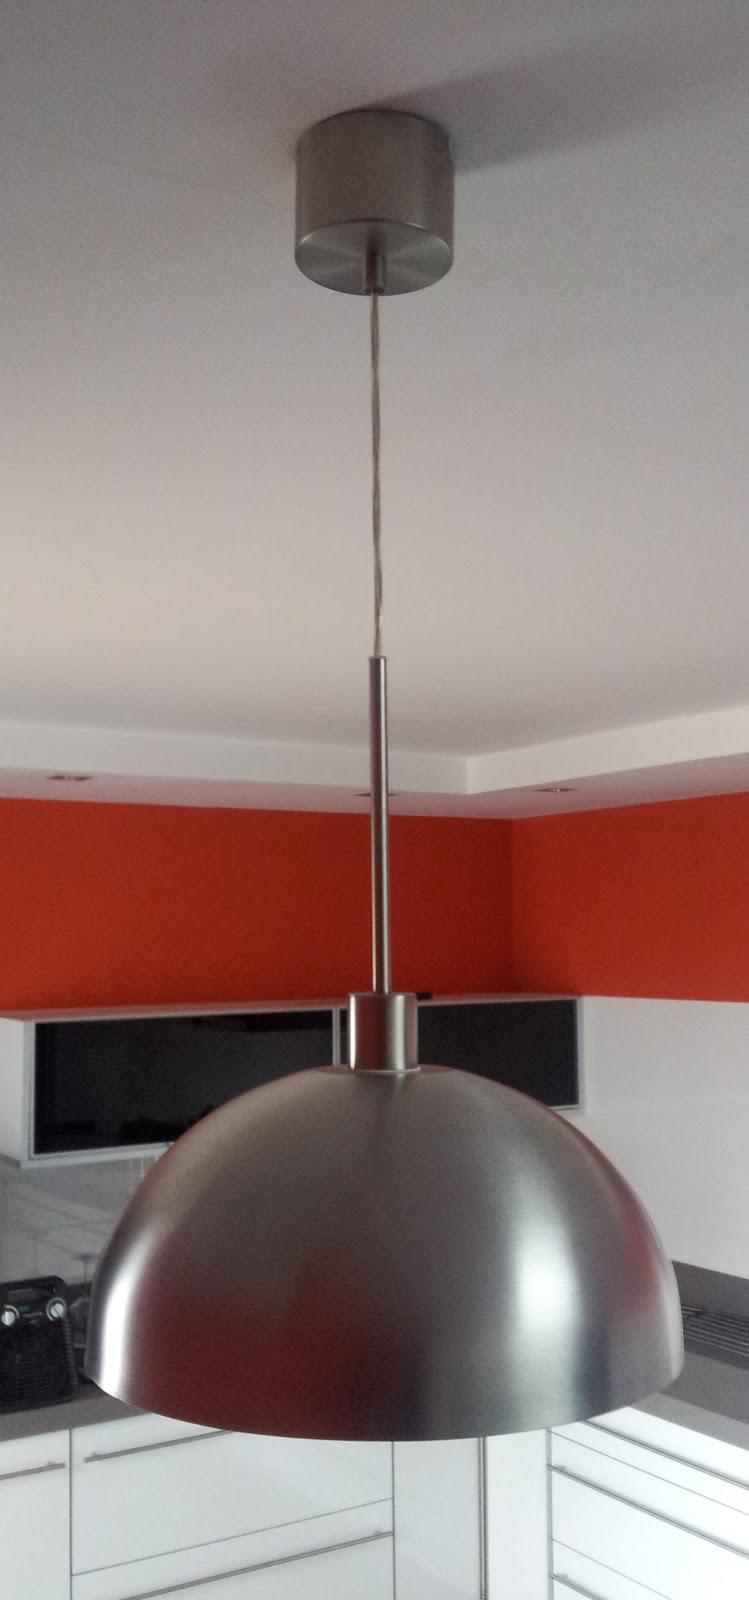 Ikea hack c mo hacer una l mpara de cocina con un bol for Lamparas de cocina ikea